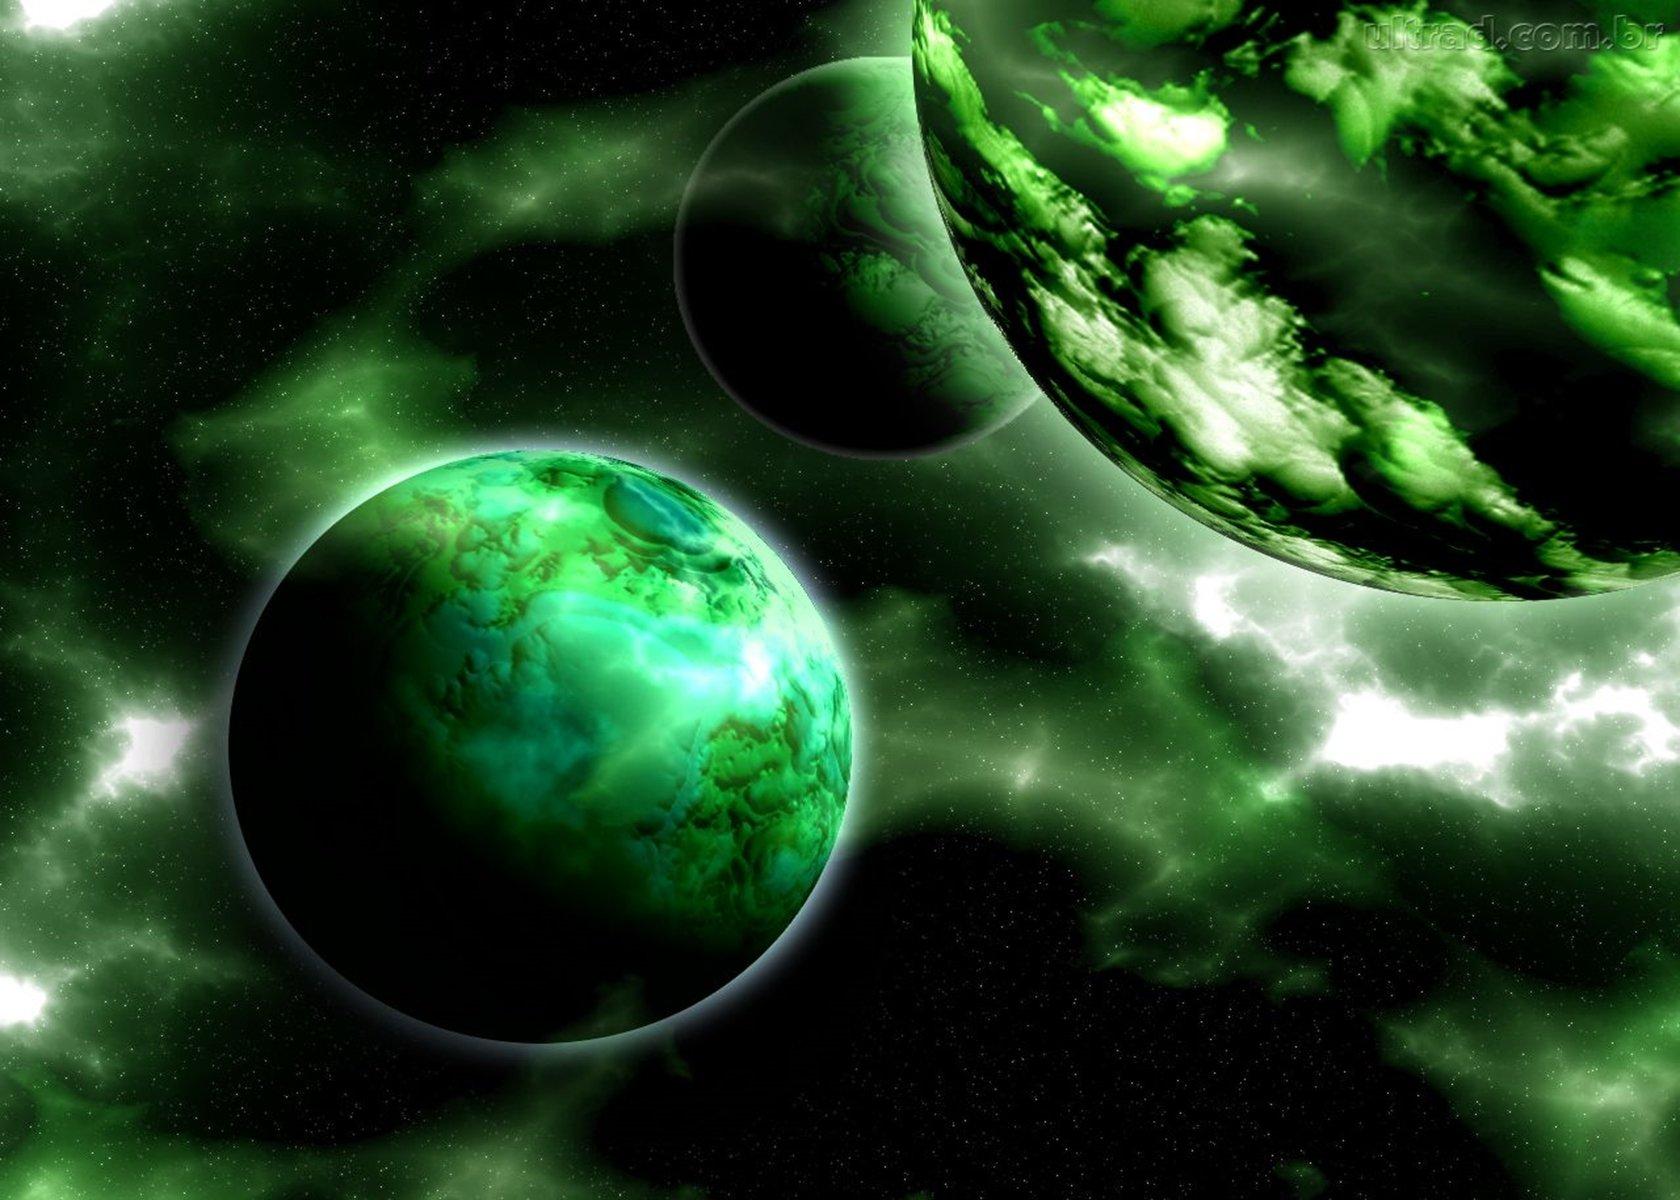 green planet wallpaper wallpapersafari